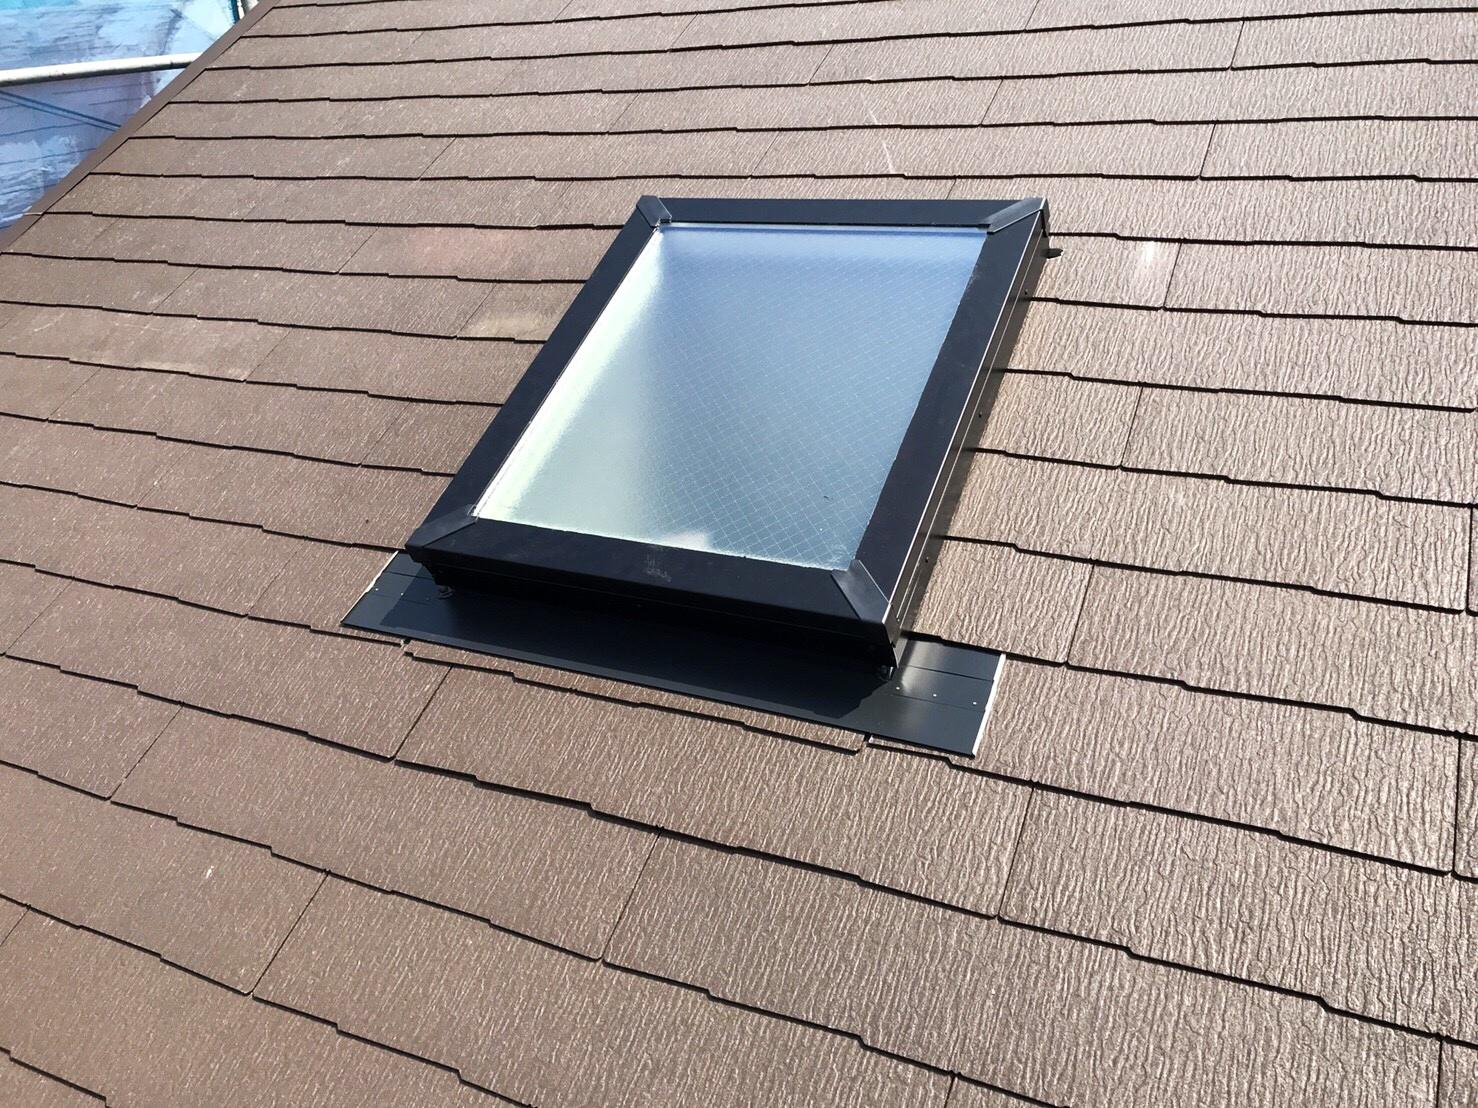 天窓の木部劣化による屋根修理施工後